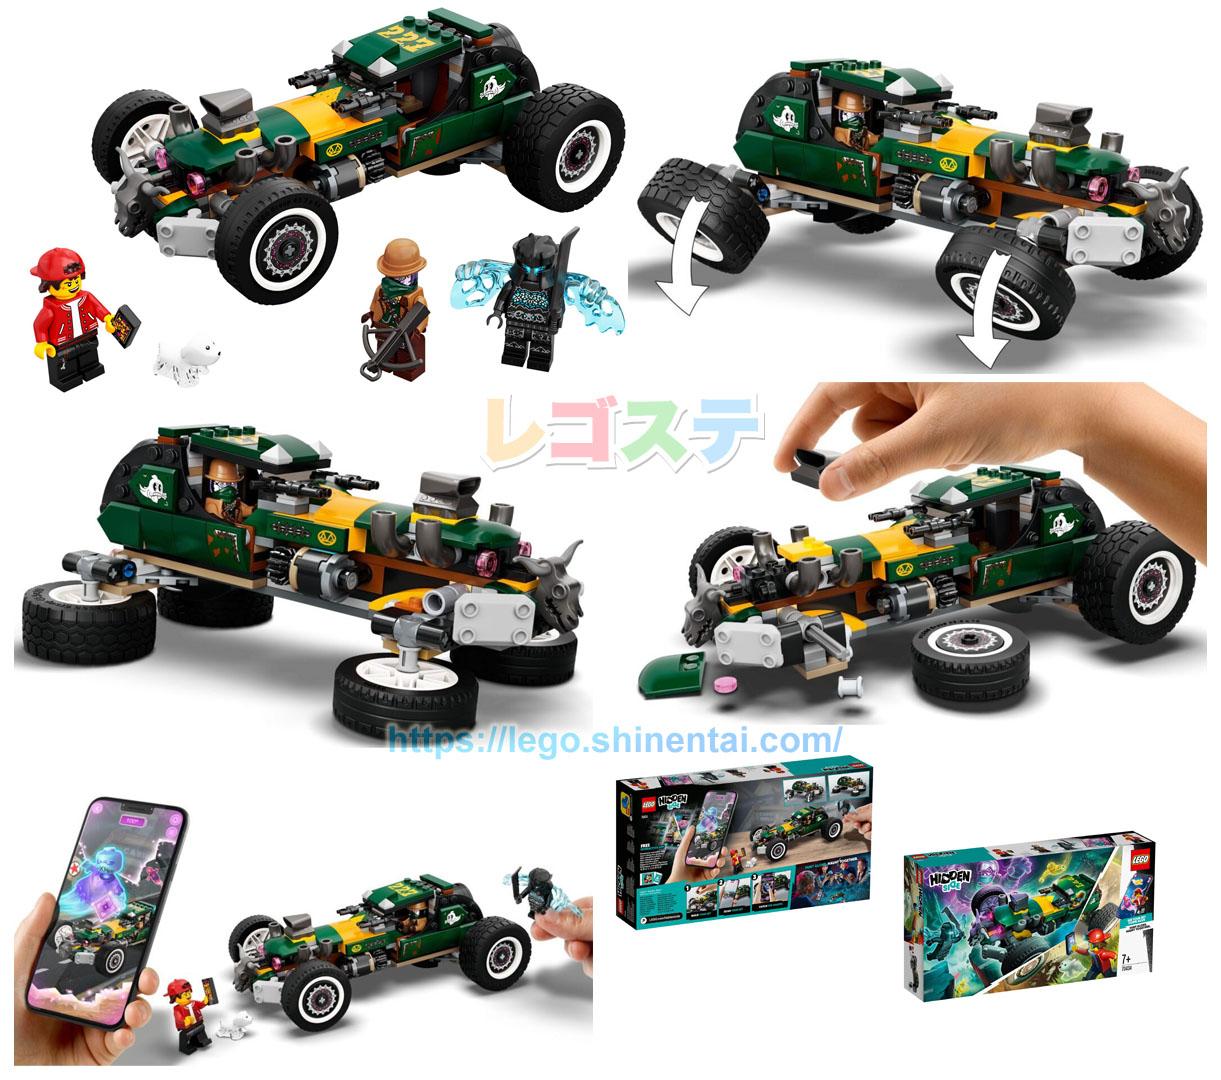 70434 スーパーナチュラル・レースカー